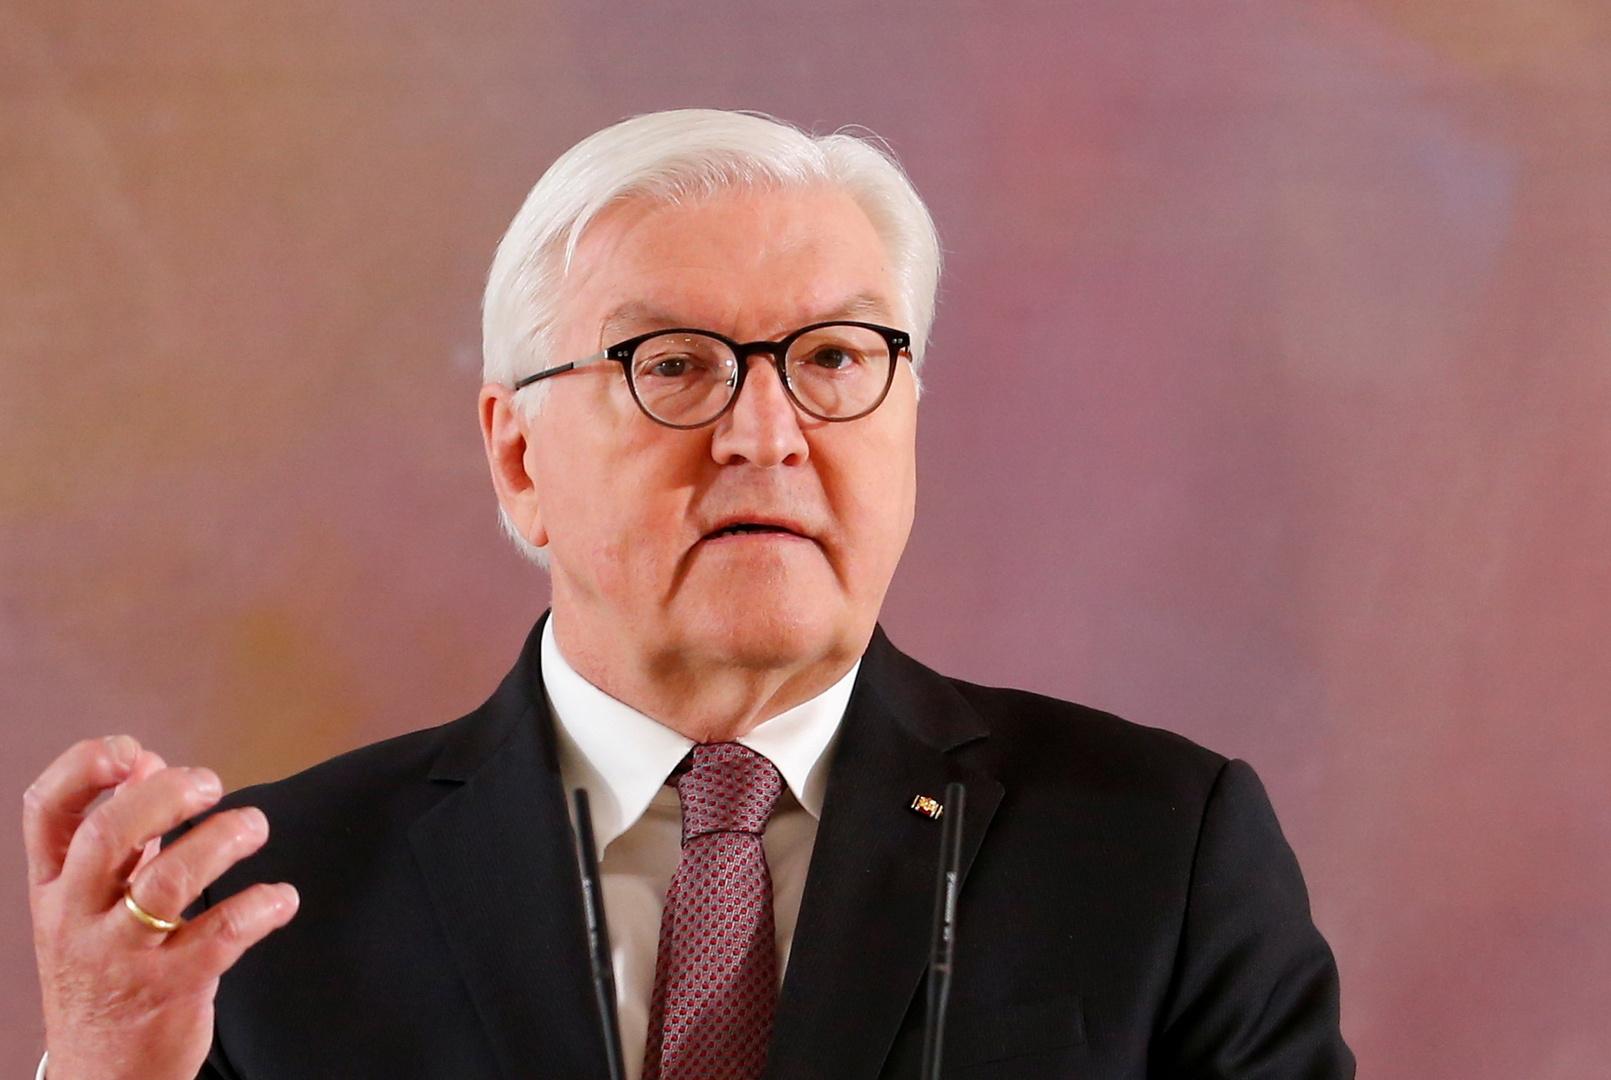 الرئيس الألماني يؤكد تمسكه بالمفاوضات مع إيران رغم مخاوف إسرائيل